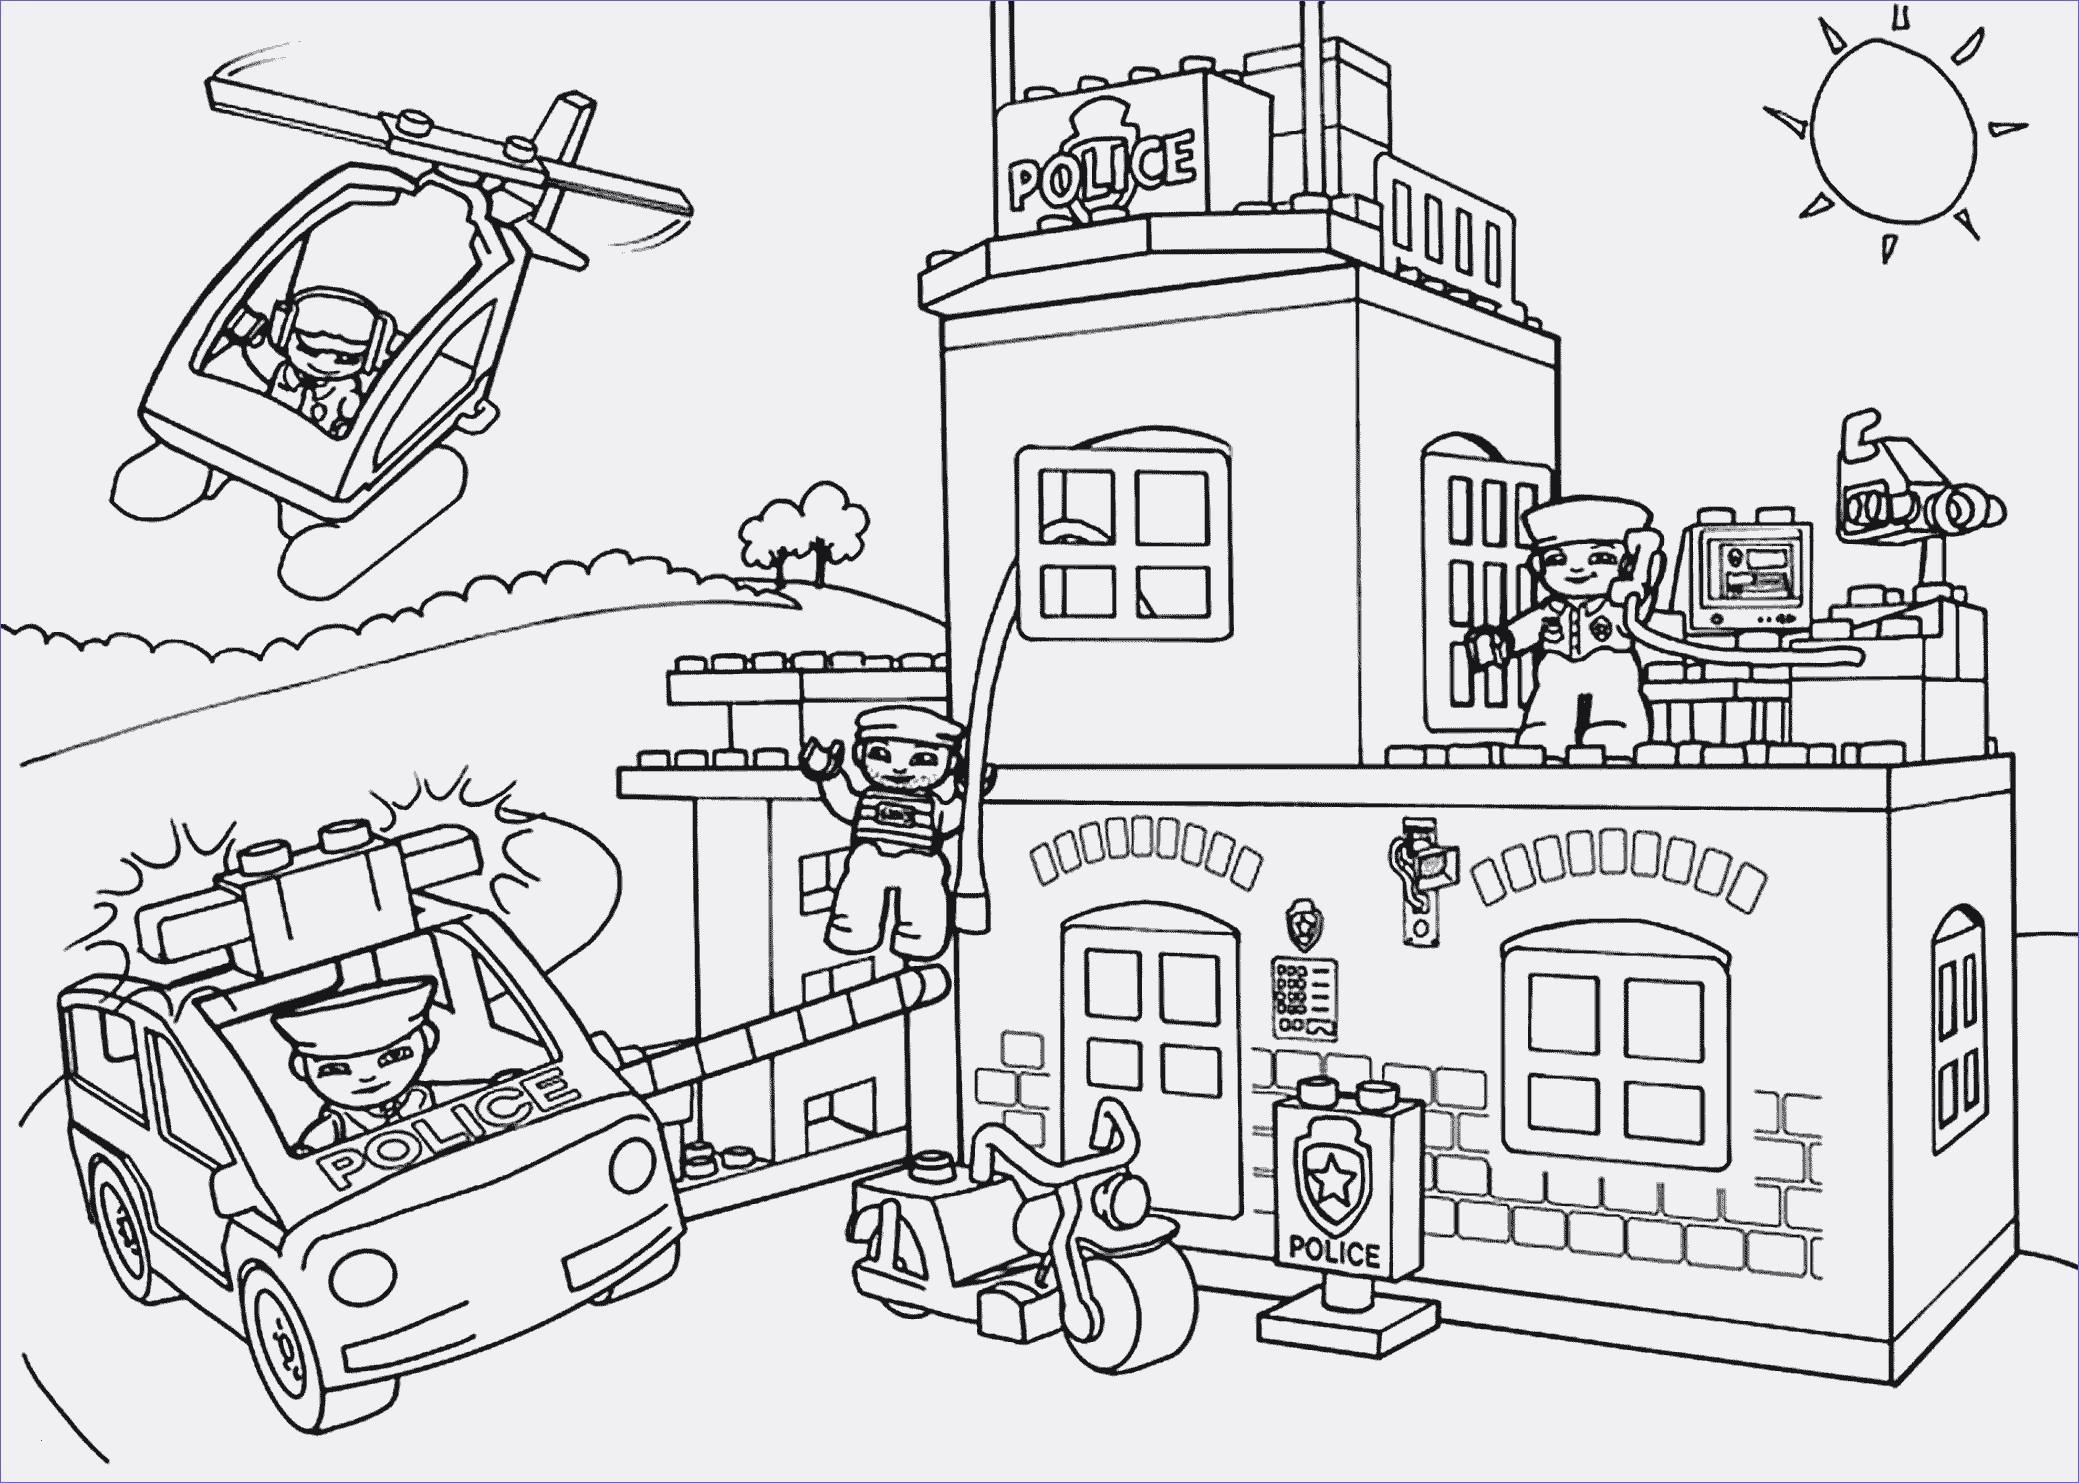 Lego Polizei Ausmalbilder Genial Bilder Zum Ausmalen Bekommen Ninjago Ausmalbilder Zum Ausdrucken Galerie